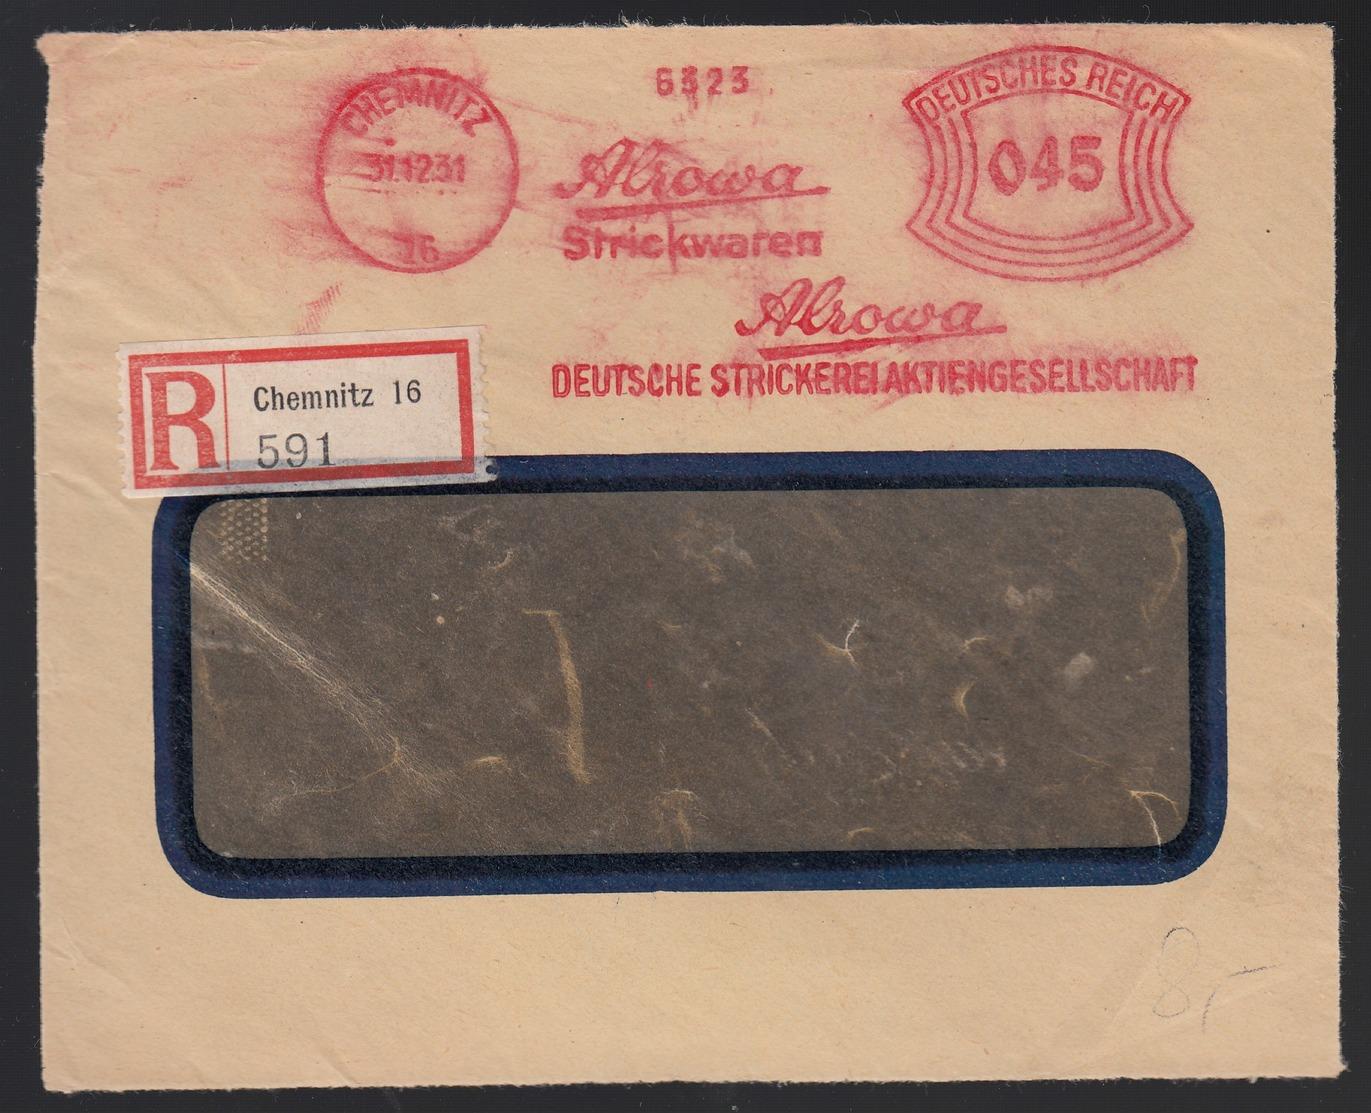 DR Einschreiben Firmenbrief Strickwaren Absenderfreistempel AFS 1931 Briefvorderseite Ab Chemnitz K272 - Covers & Documents